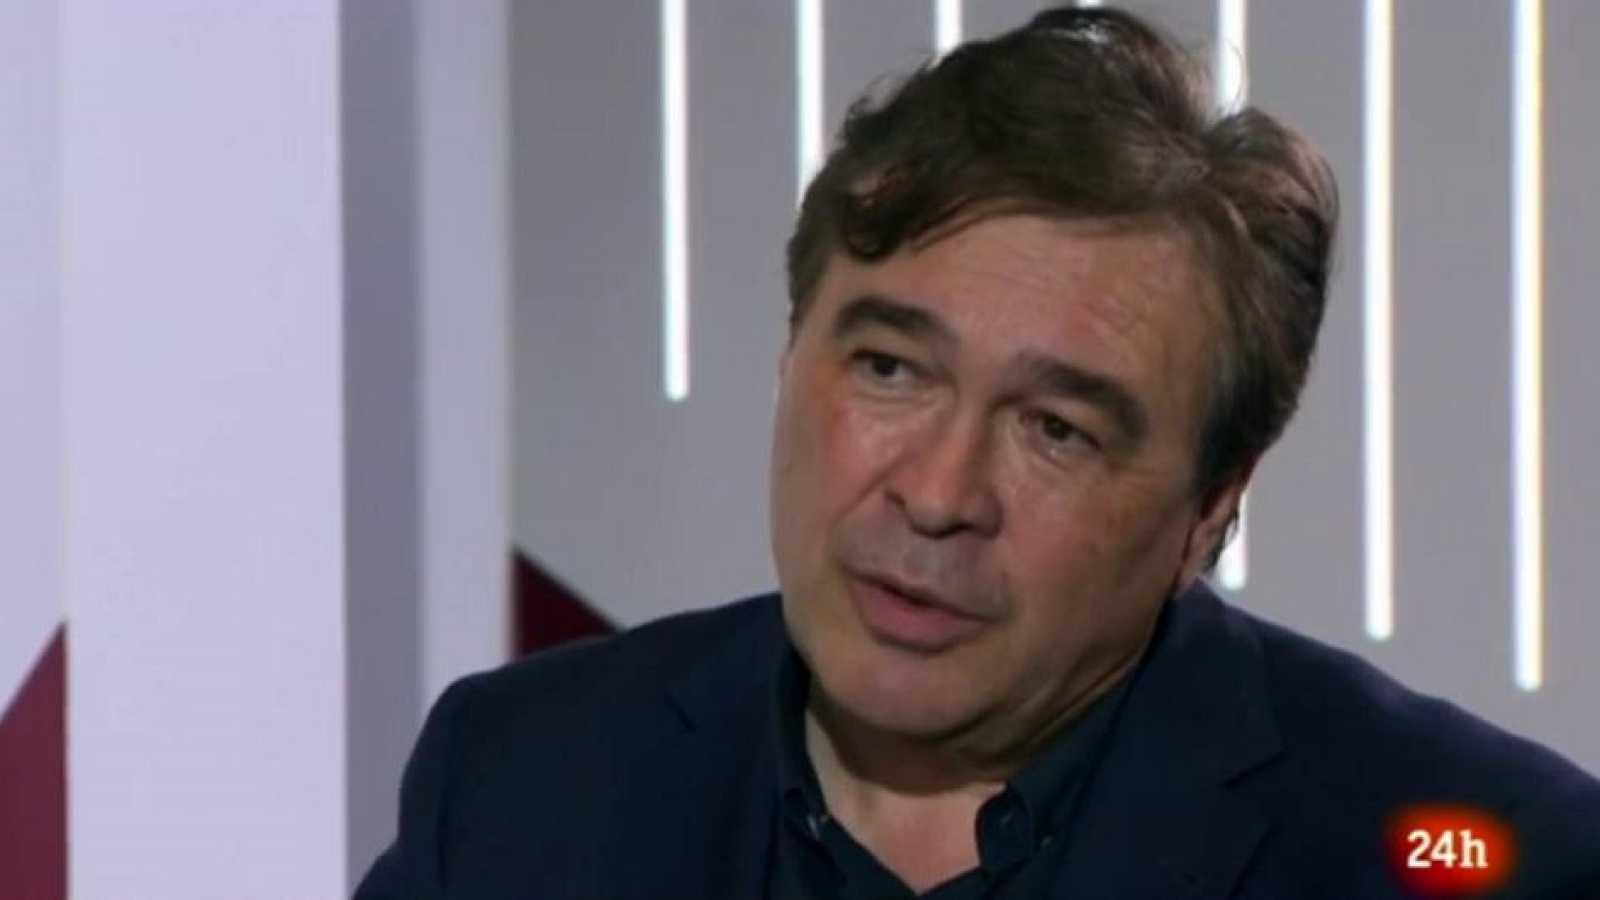 Parlamento - La entrevista - Tomás Guitarte, diputado de Teruel Existe - 31/10/2020